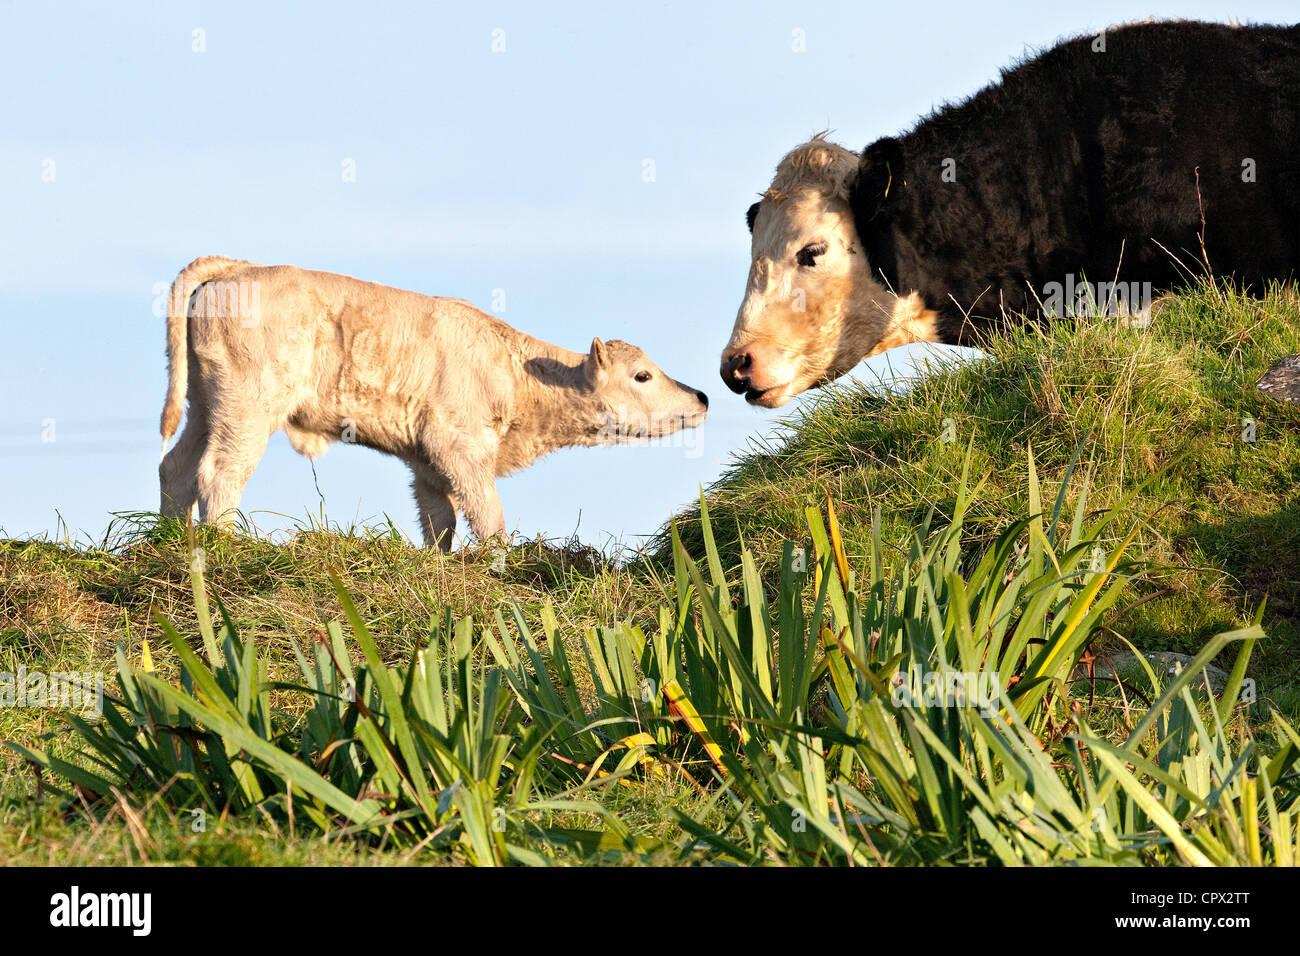 Vacca e vitello neonato Immagini Stock